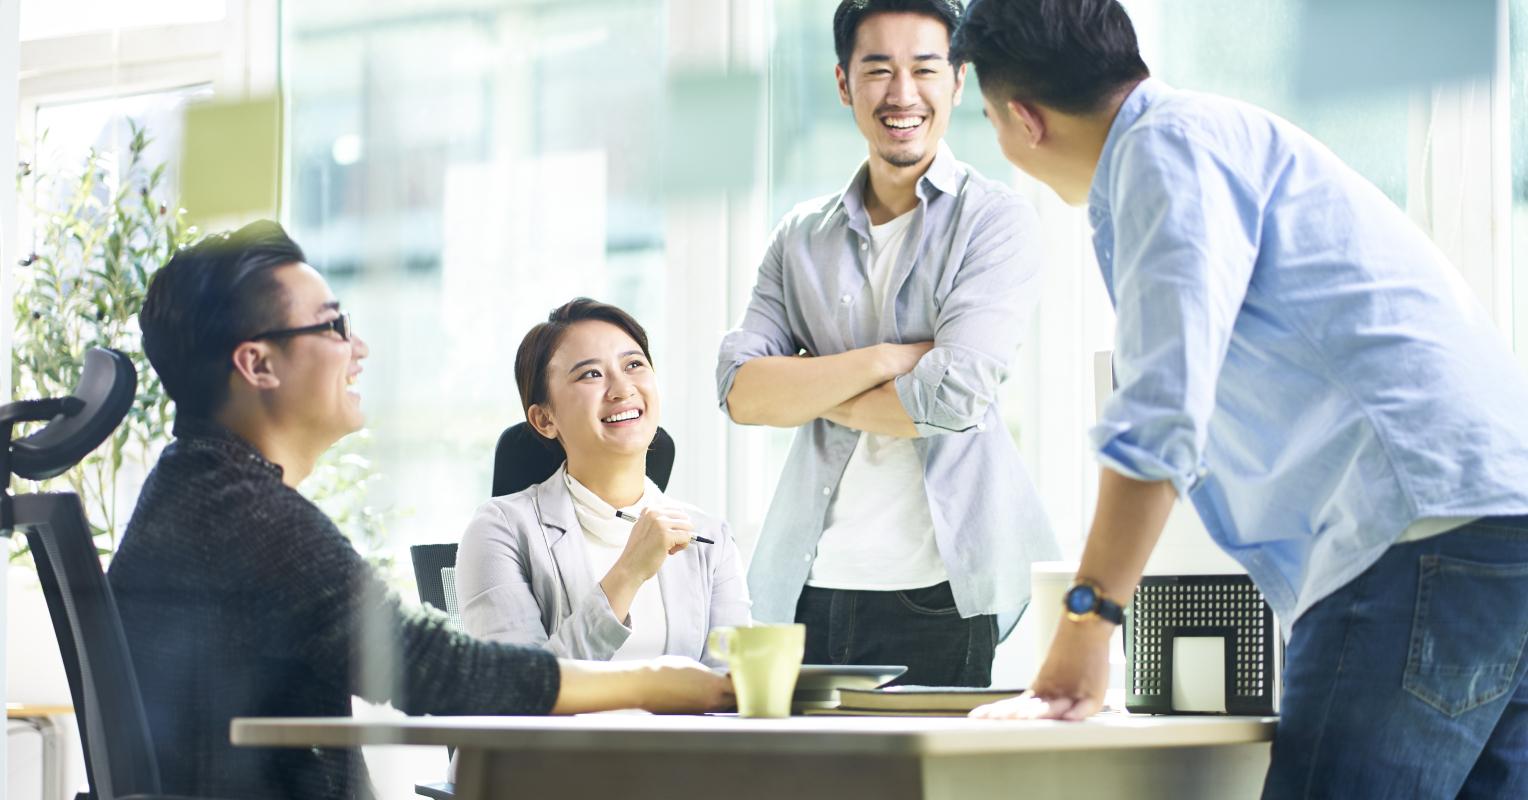 起業家、他社依存しない 考えをクレドや実務から 養い、自分軸を持つ